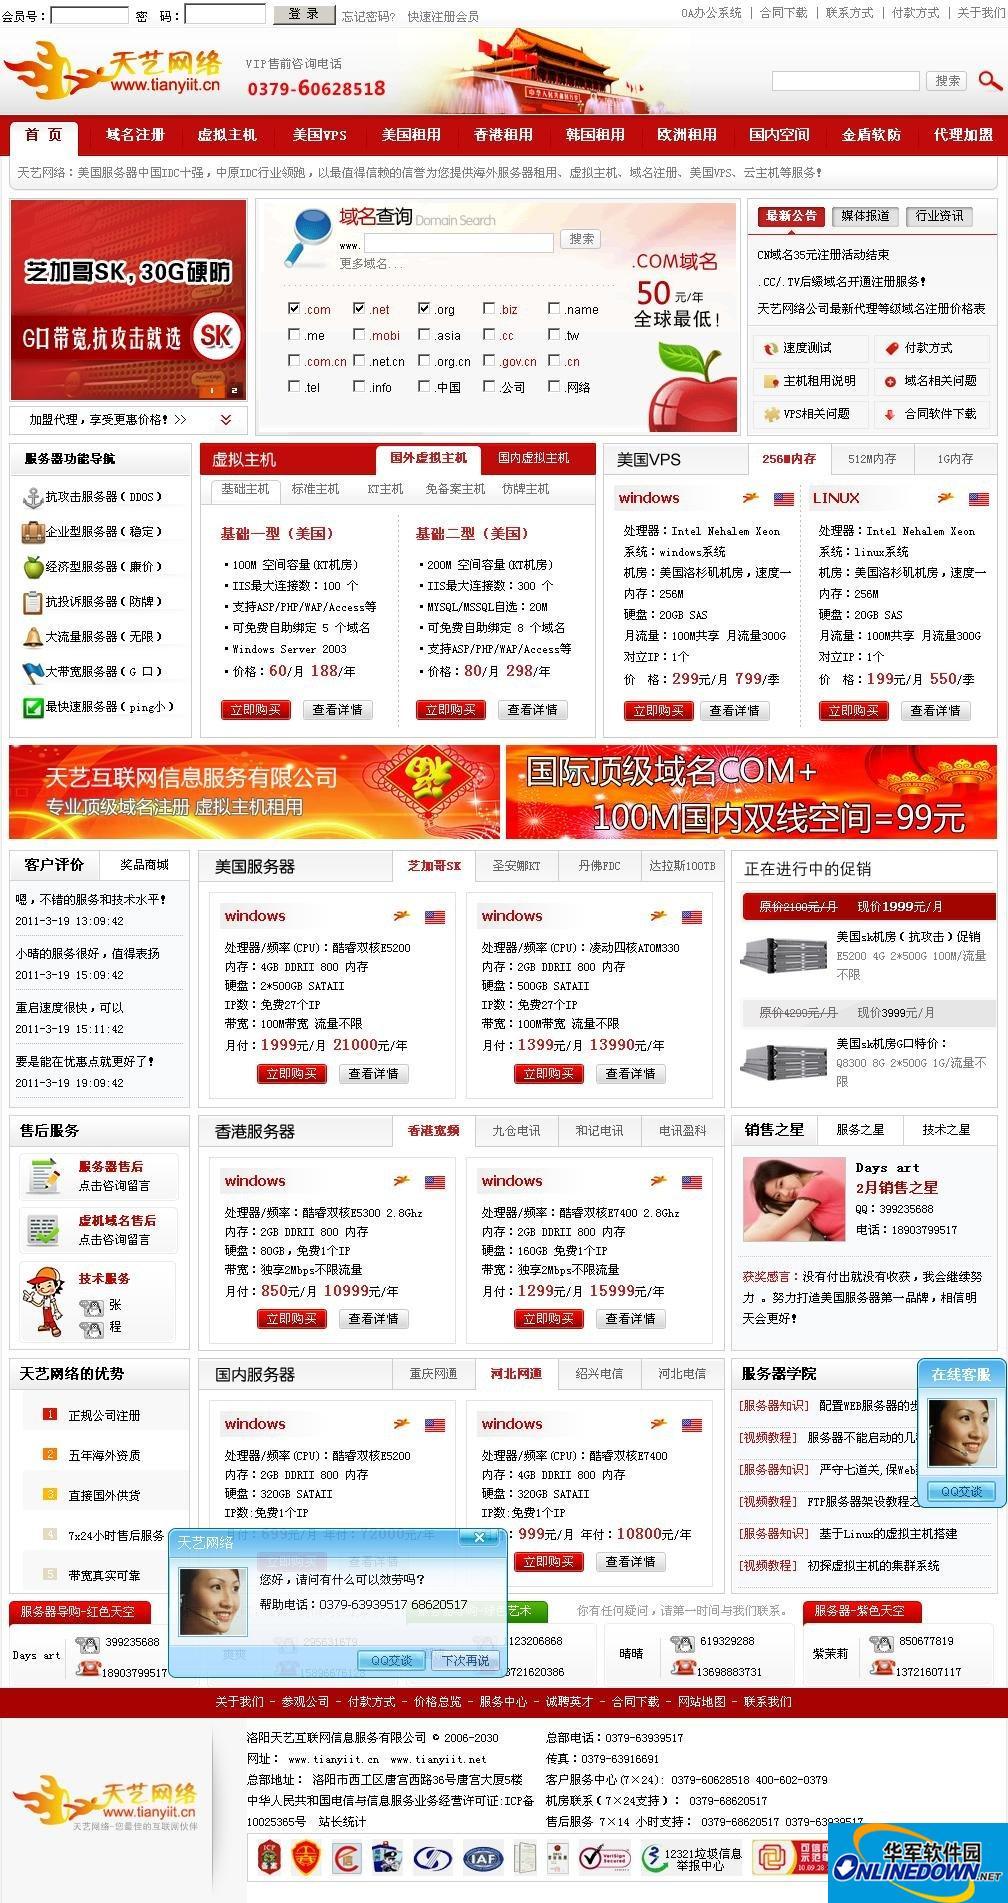 洛阳天艺网络公司ISP平台系统  V1.0